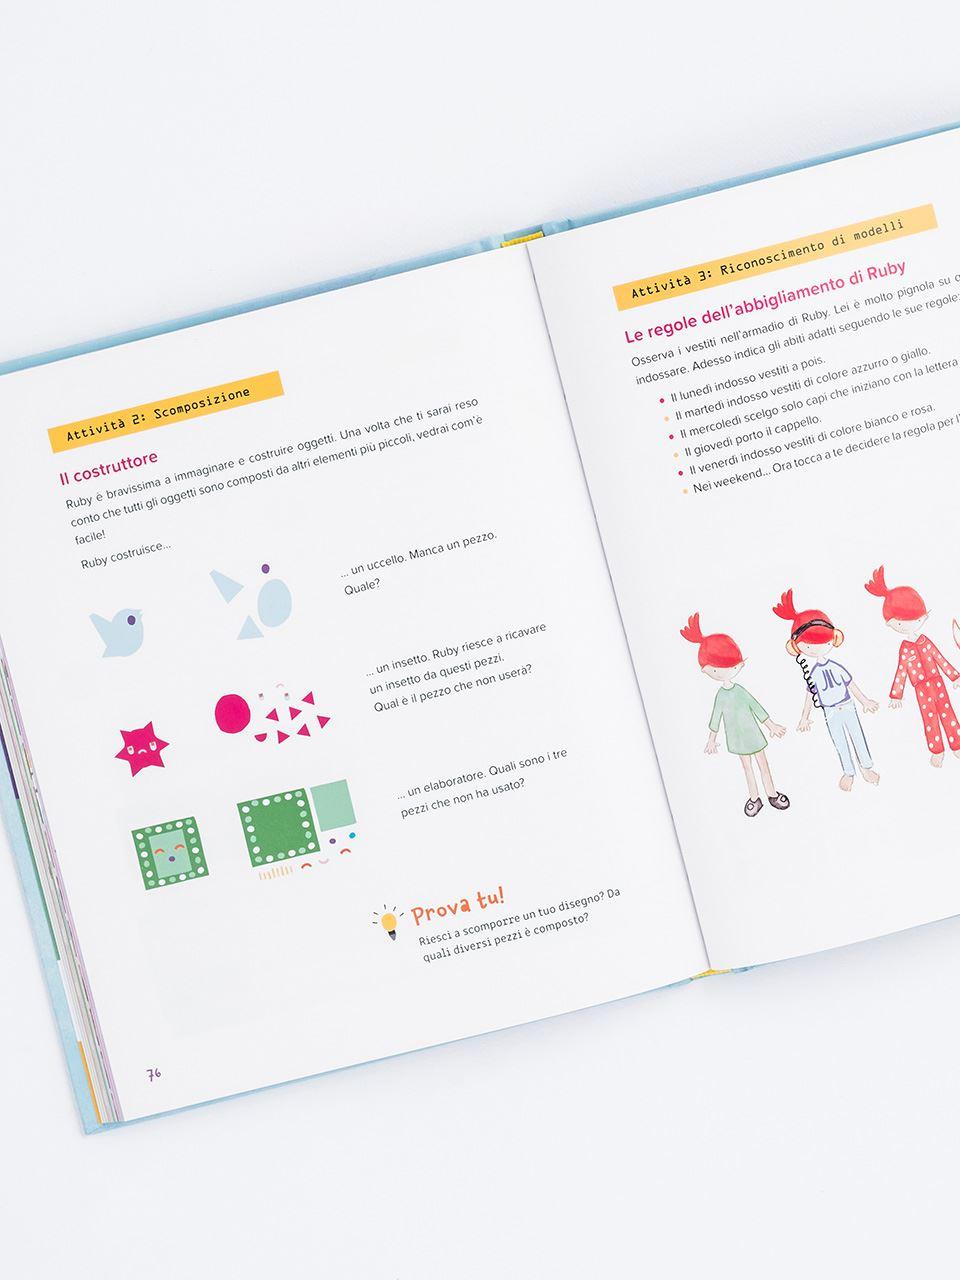 HELLO RUBY - Avventure nel mondo del coding - Libri - Erickson 2